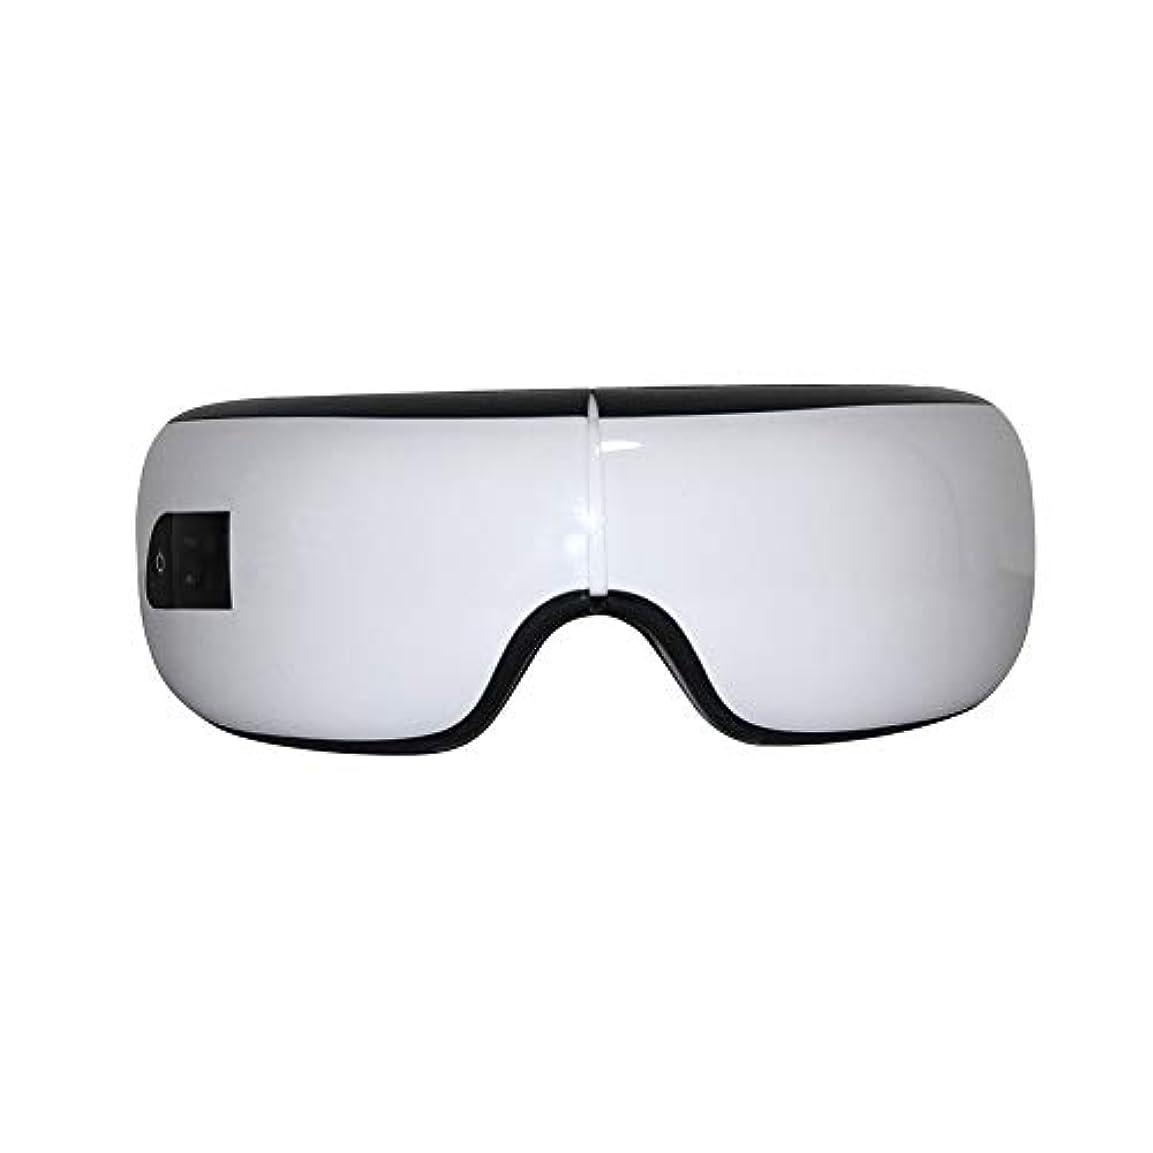 冊子ディーラーのれん電気振動Bluetoothアイマッサージャーアイケアデバイスしわ疲労緩和振動マッサージホットコンプレスセラピーメガネクリスマスギフト